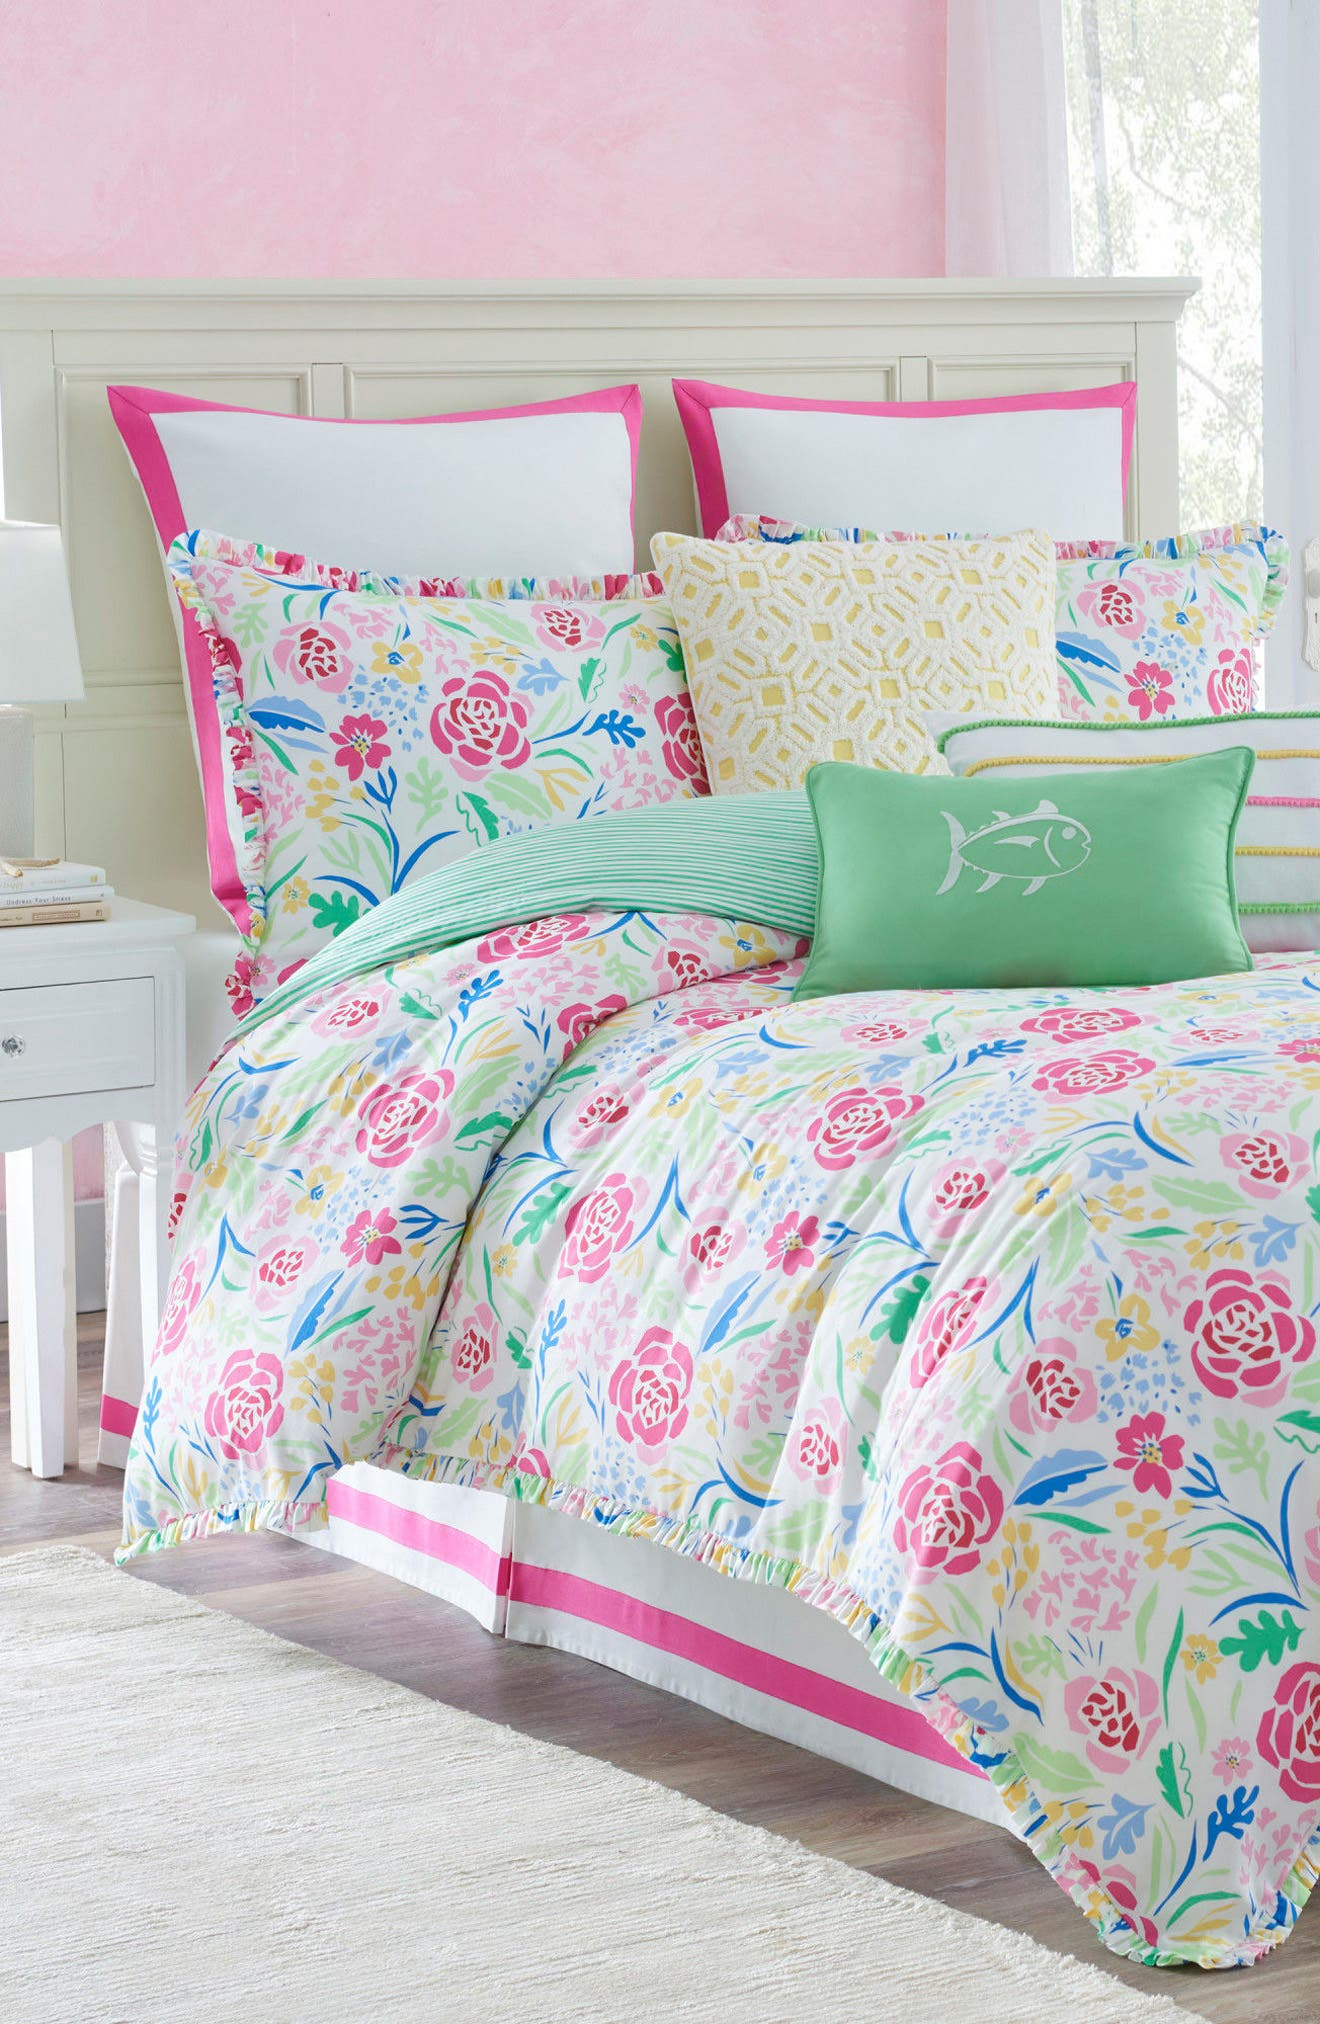 Kiawah Floral Comforter, Sham & Bed Skirt Set,                         Main,                         color, 100